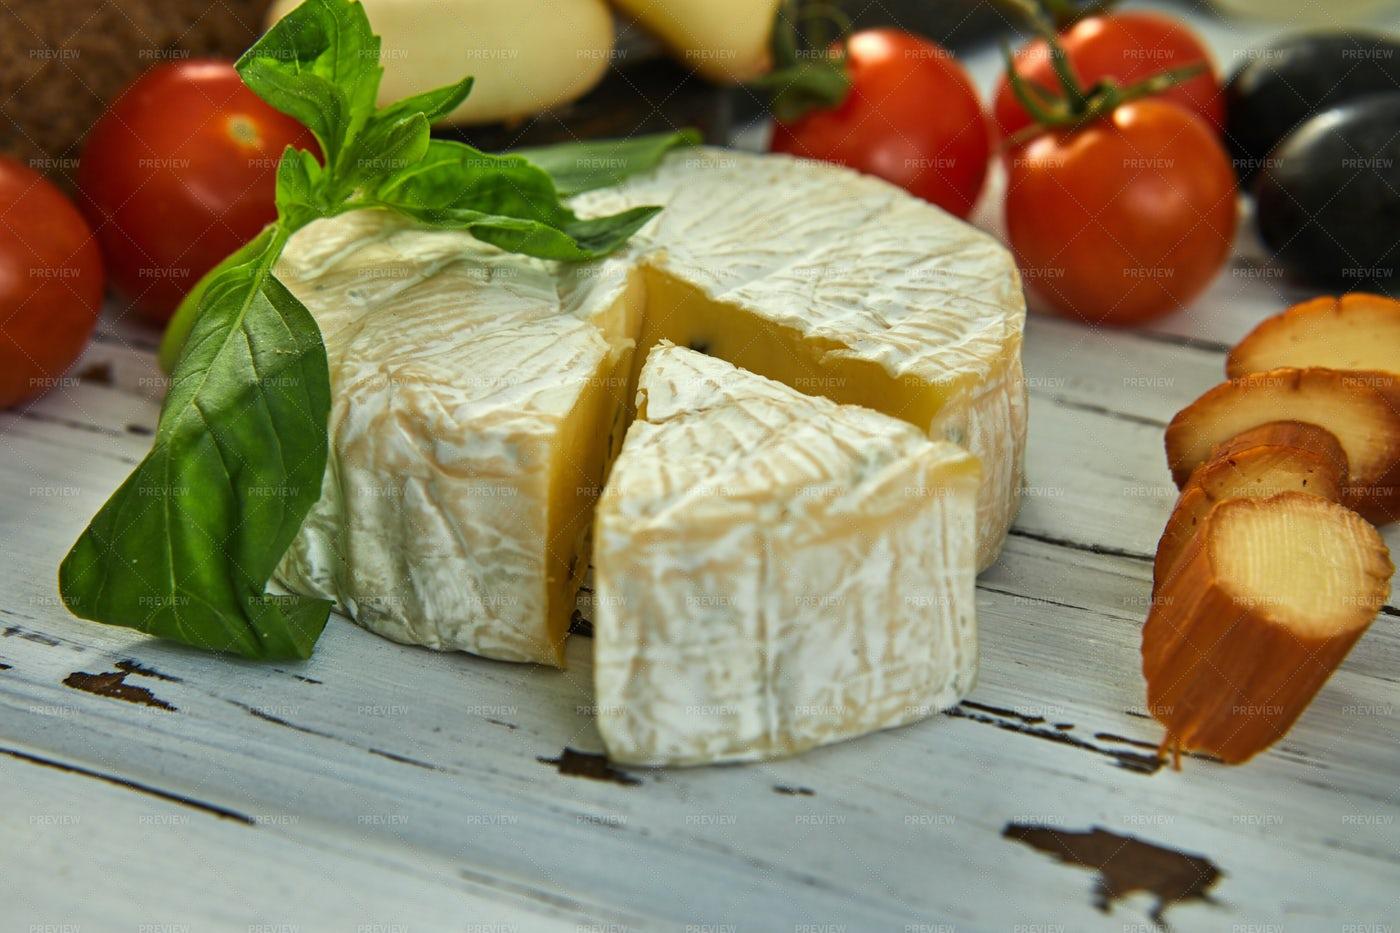 A Wheel Of Cheese: Stock Photos